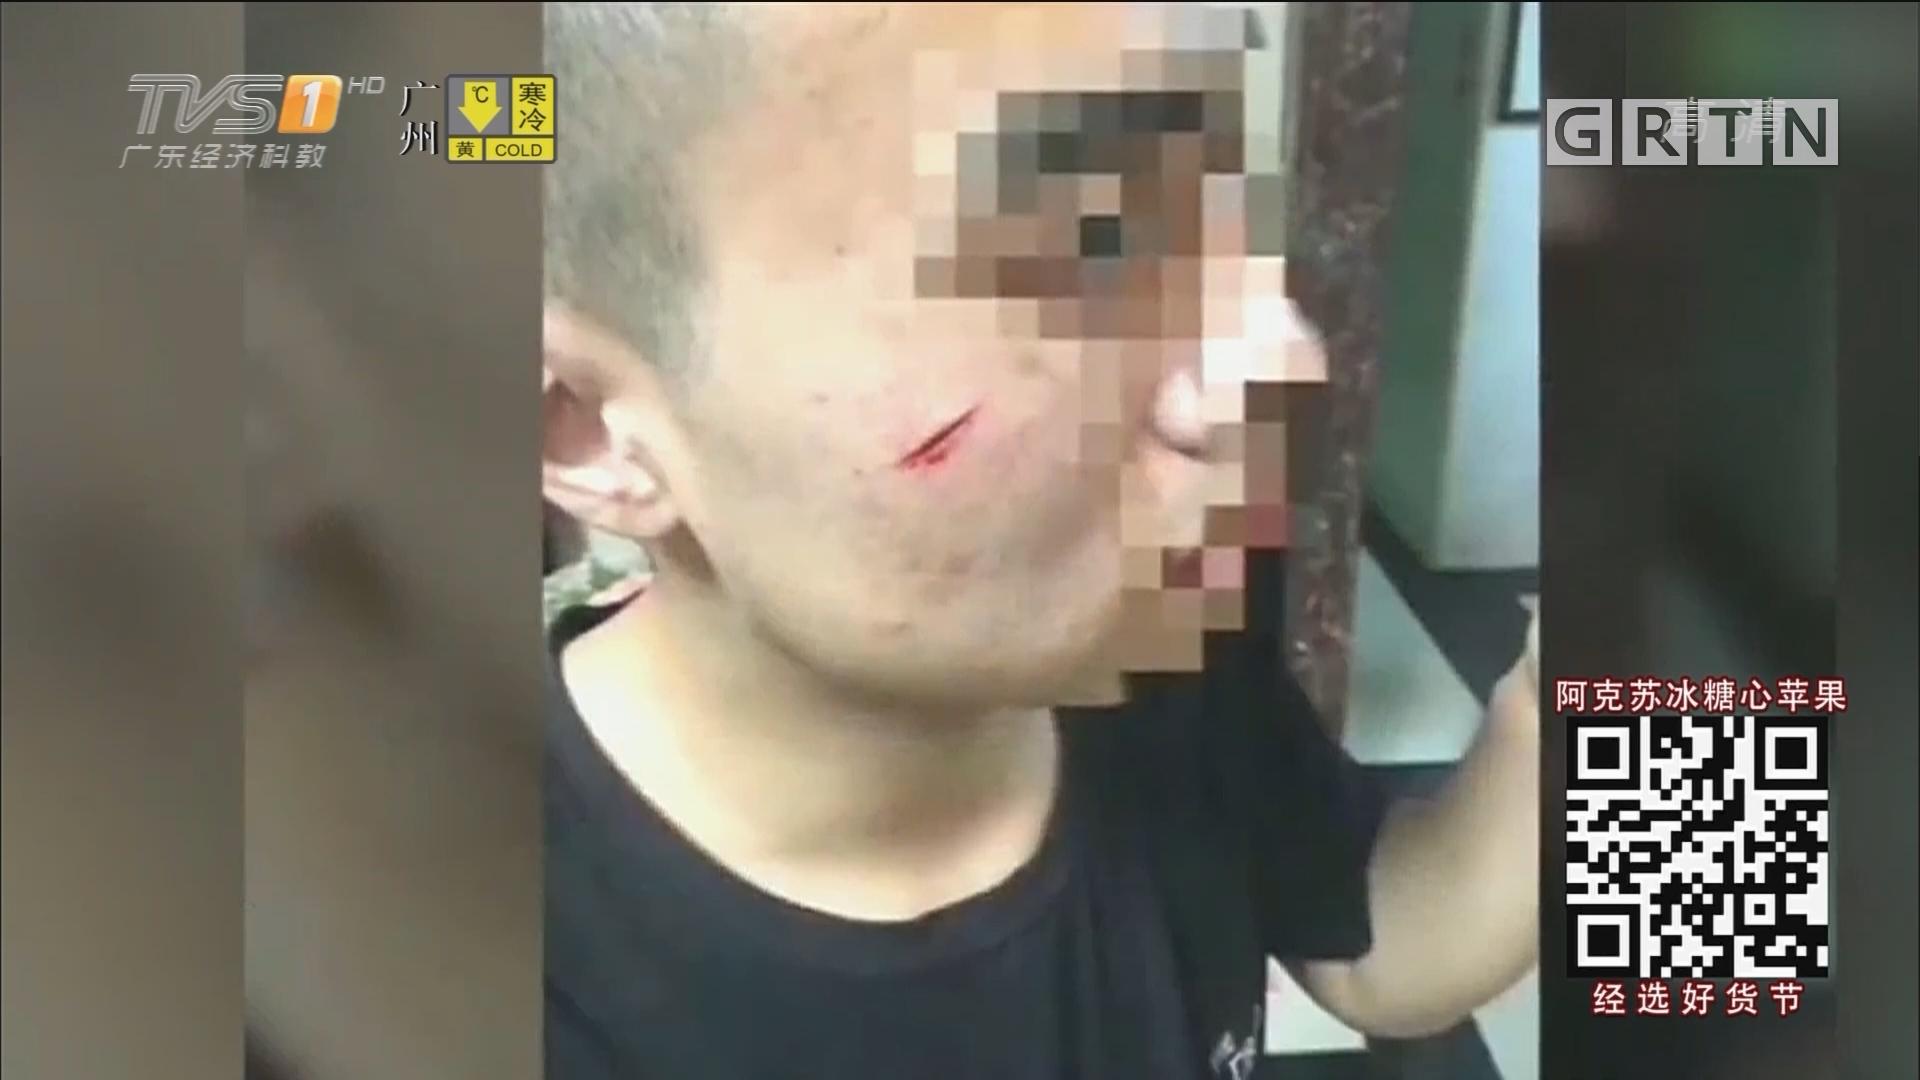 深圳:暴力接亲 场面犹如黑帮斗殴